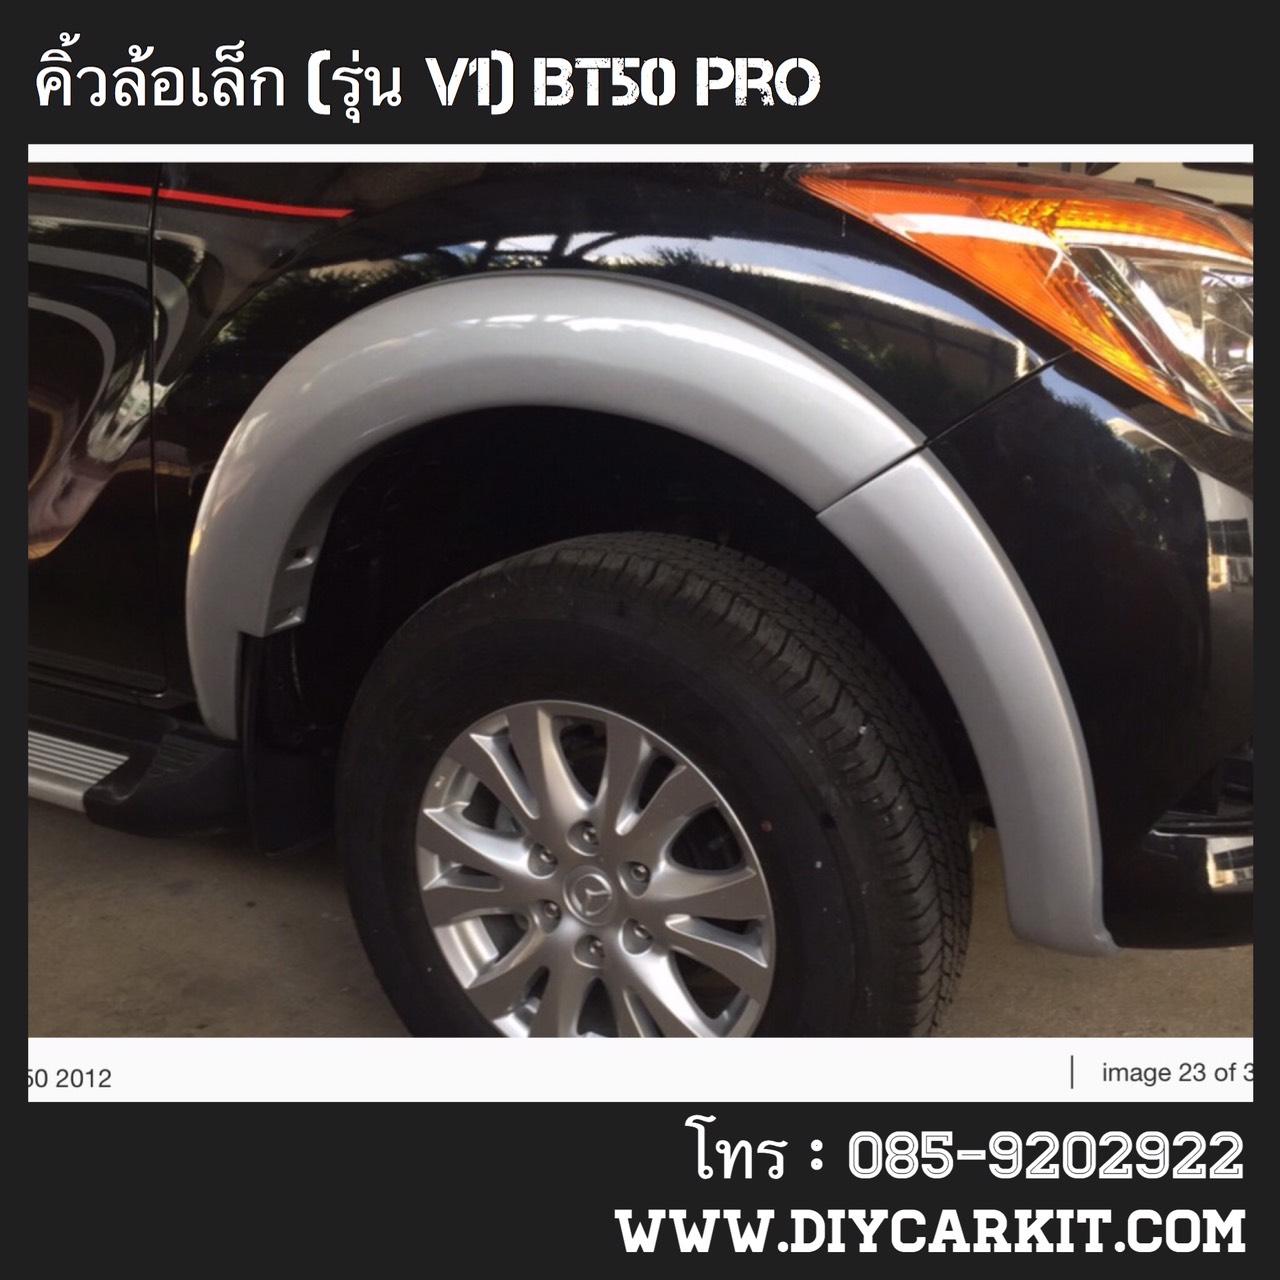 ซุ้มคิ้วล้อรถ แบบรุ่น V1 BT50 Pro